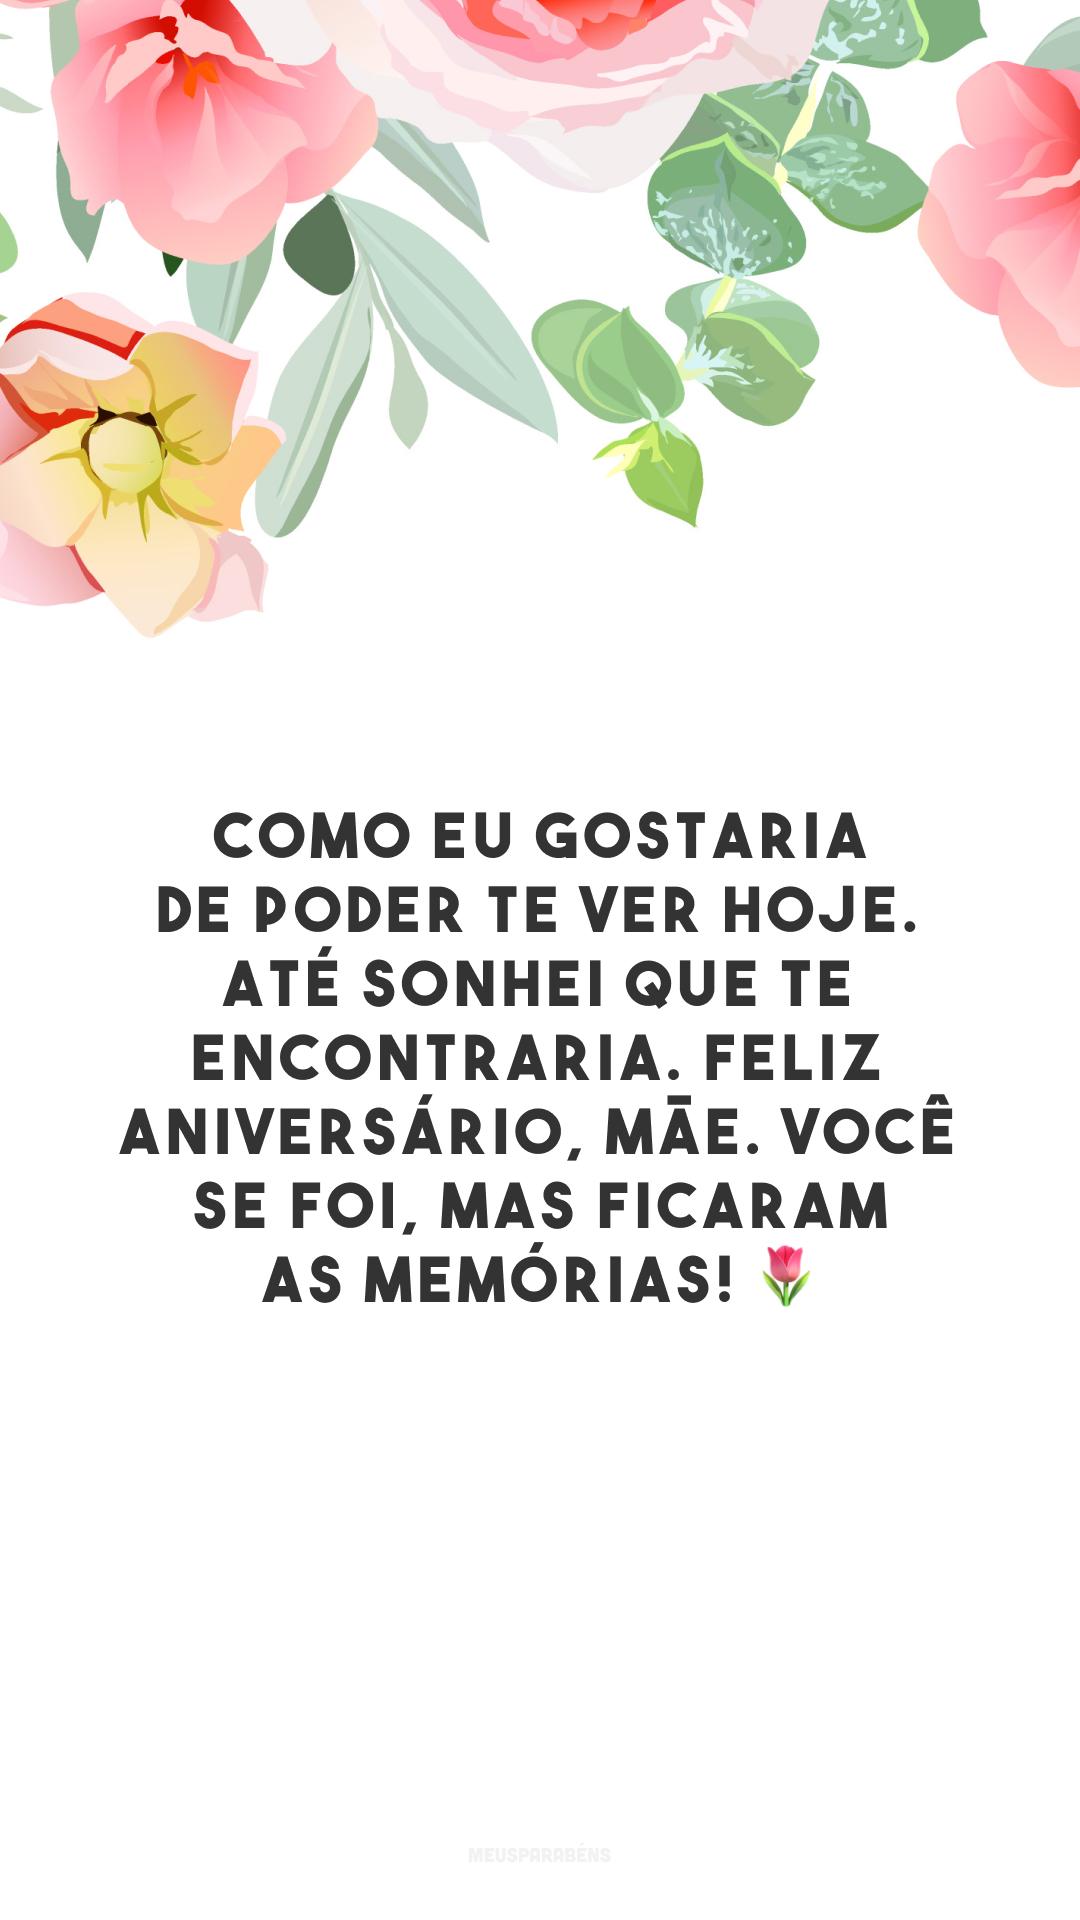 Como eu gostaria de poder te ver hoje. Até sonhei que te encontraria. Feliz aniversário, mãe. Você se foi, mas ficaram as memórias! 🌷